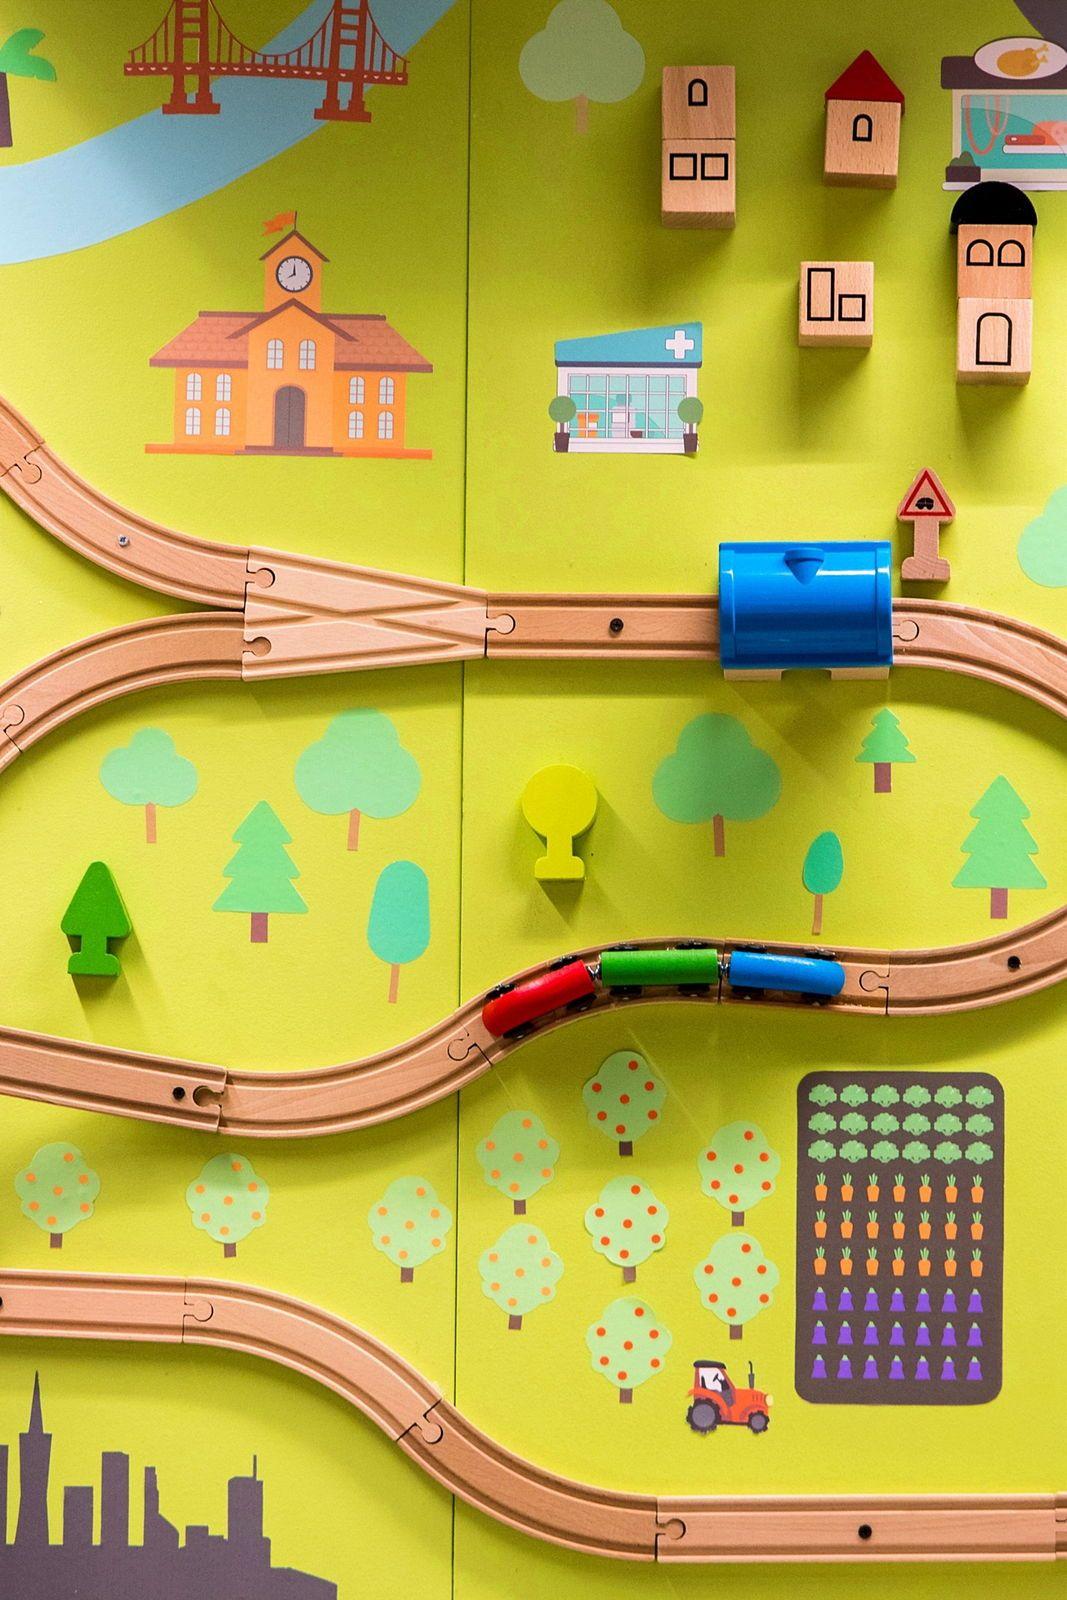 Cherche personne pour mutualisation accompagnement enfants trajets train Tours-Paris